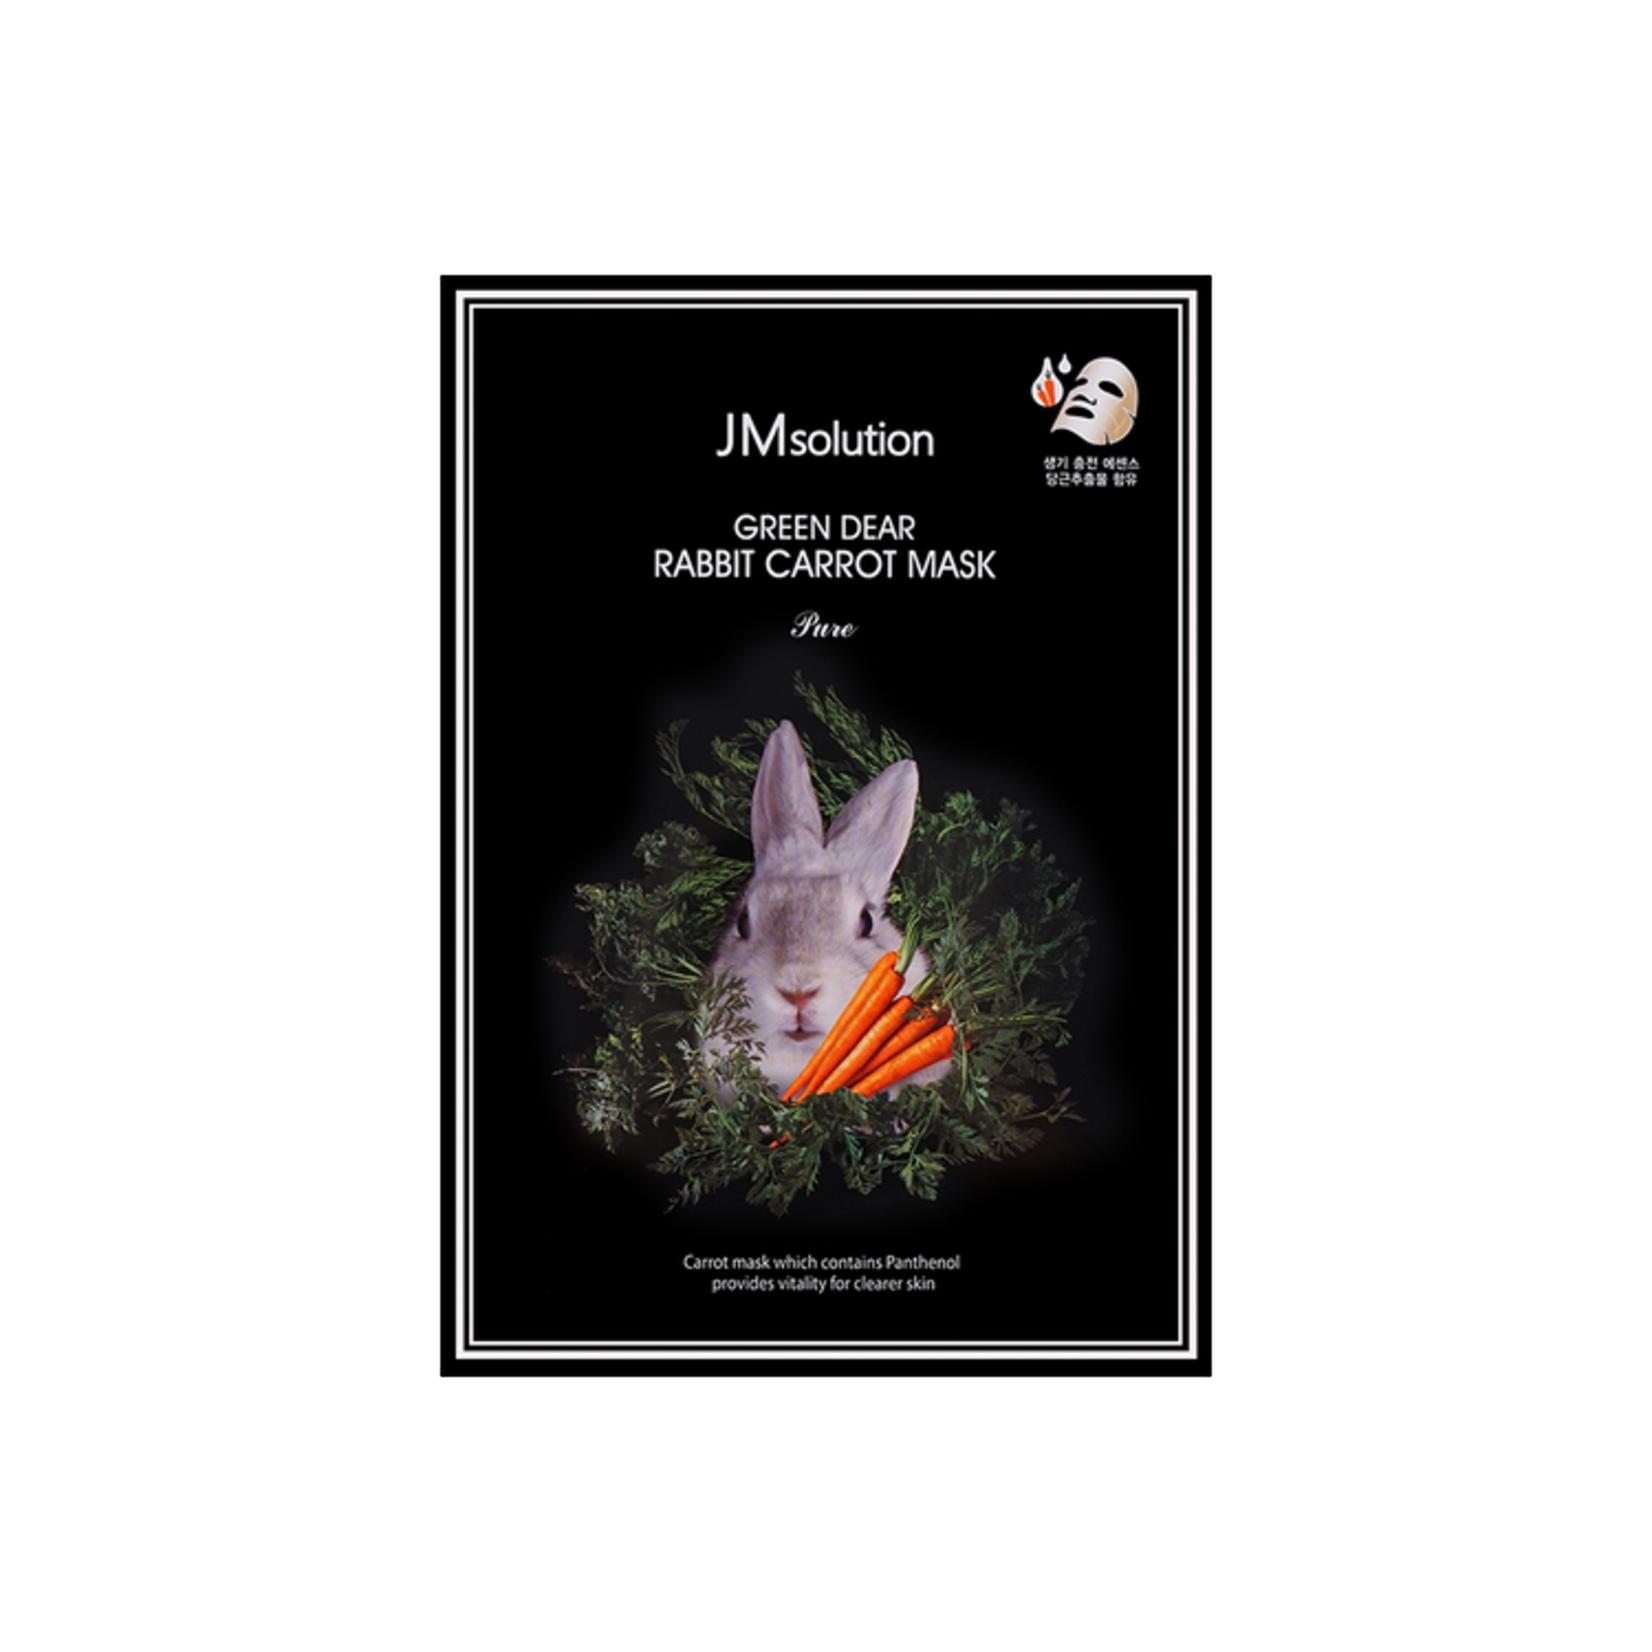 JM Solution JM Solution Green Deer Rabbit Pure Carrot Mask 1 Sheet